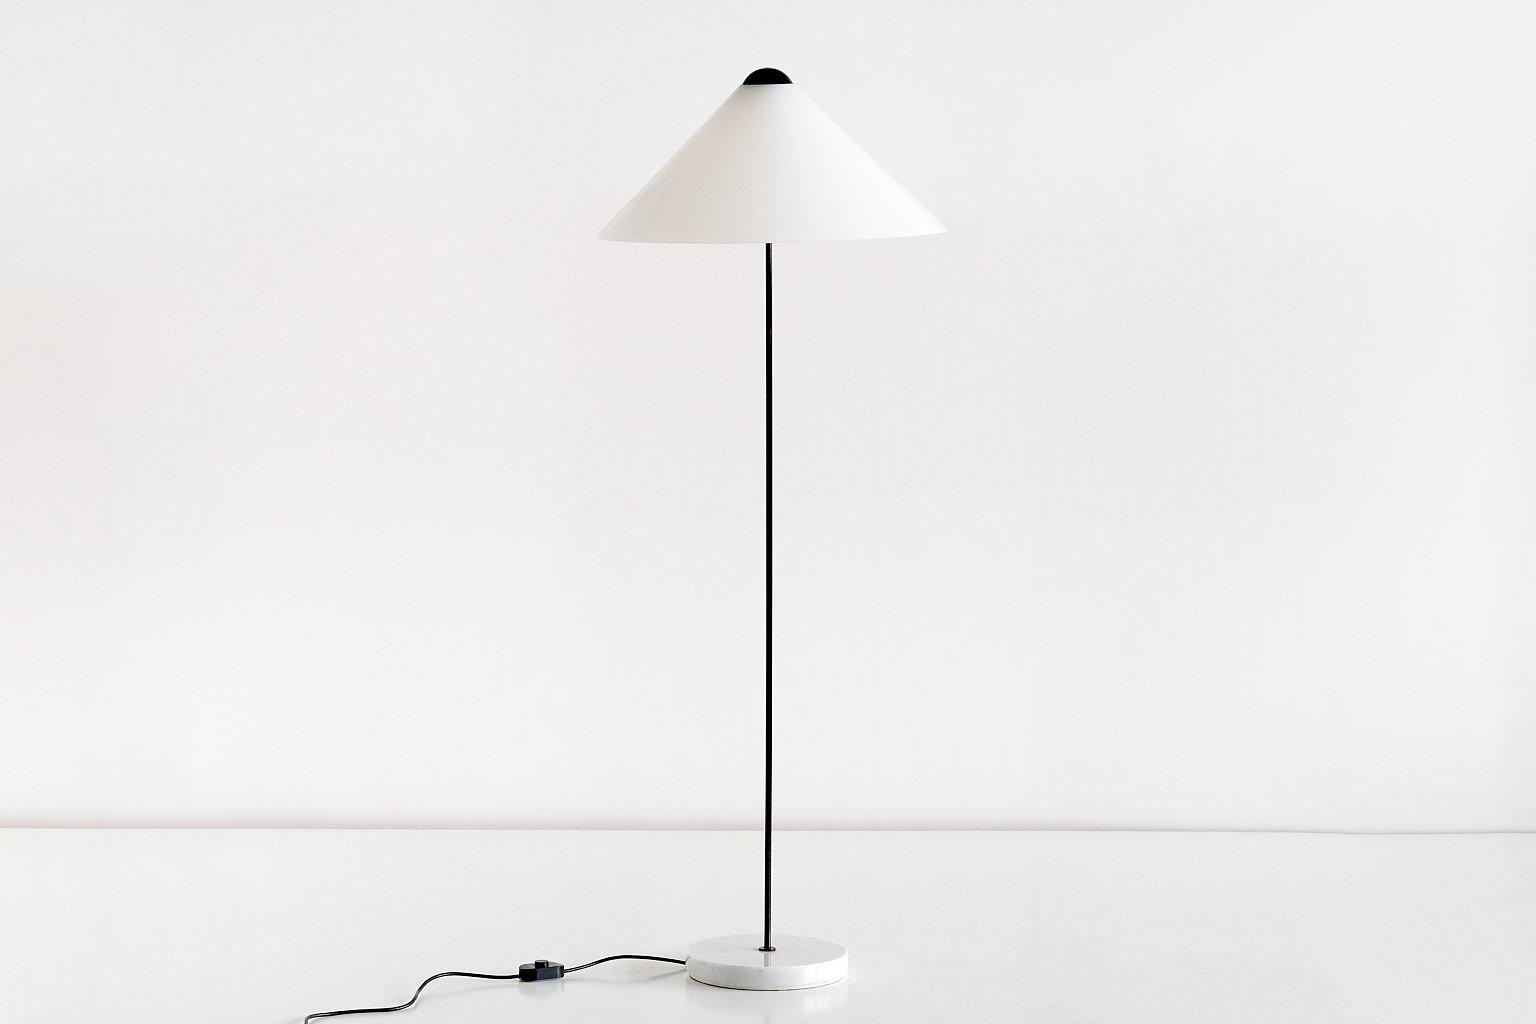 Snow Stehlampe von Vico Magistretti für Oluce, 1973